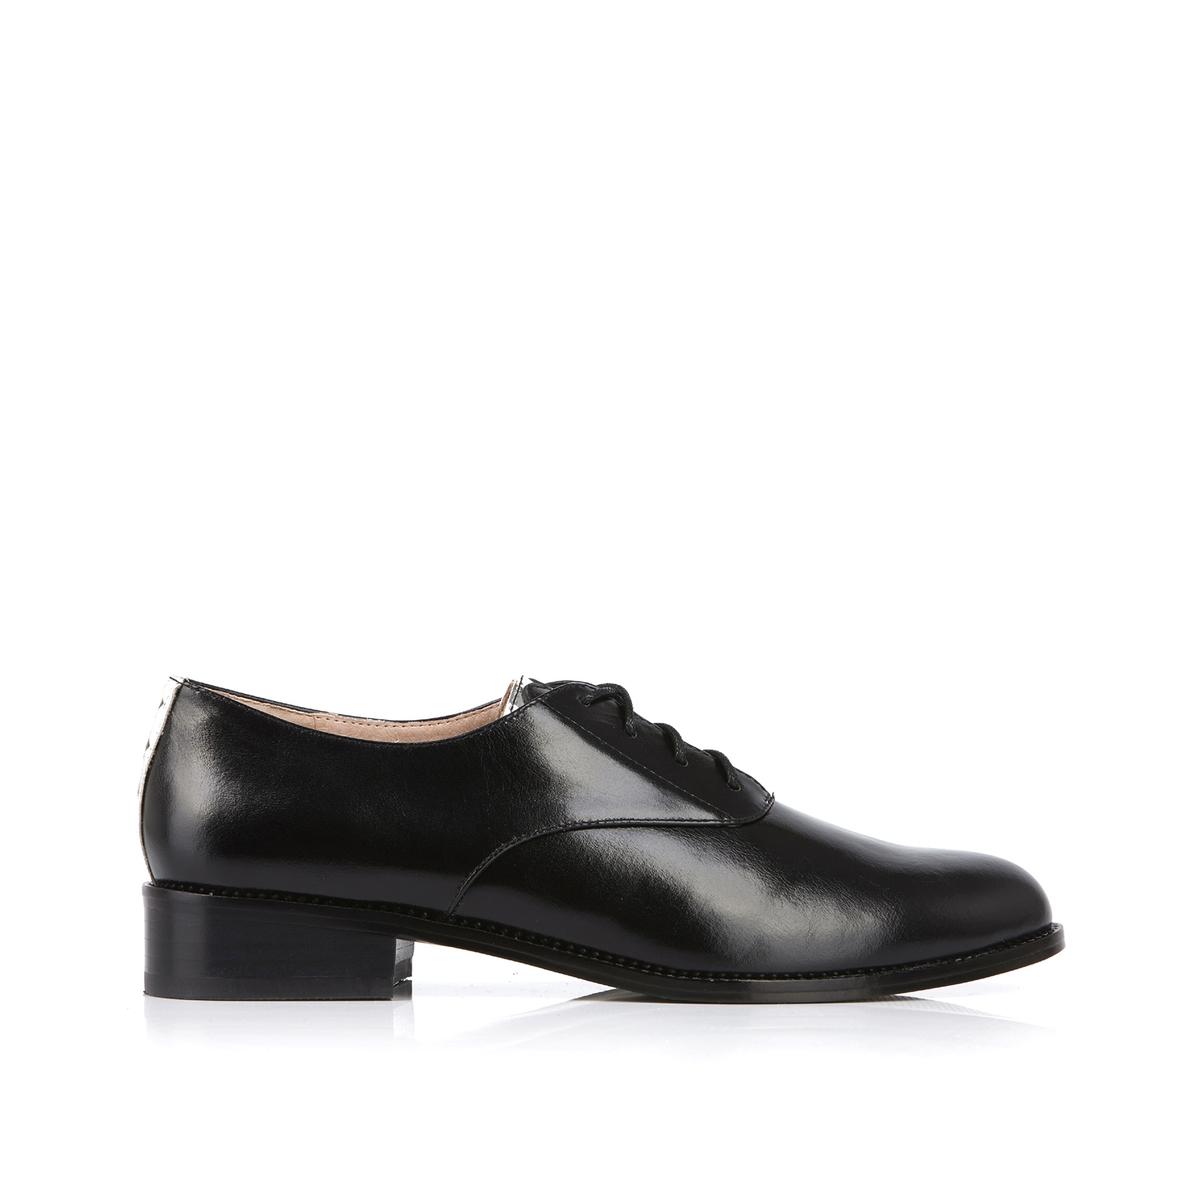 Ботинки-дерби кожаные Cea ботинки дерби кожаные